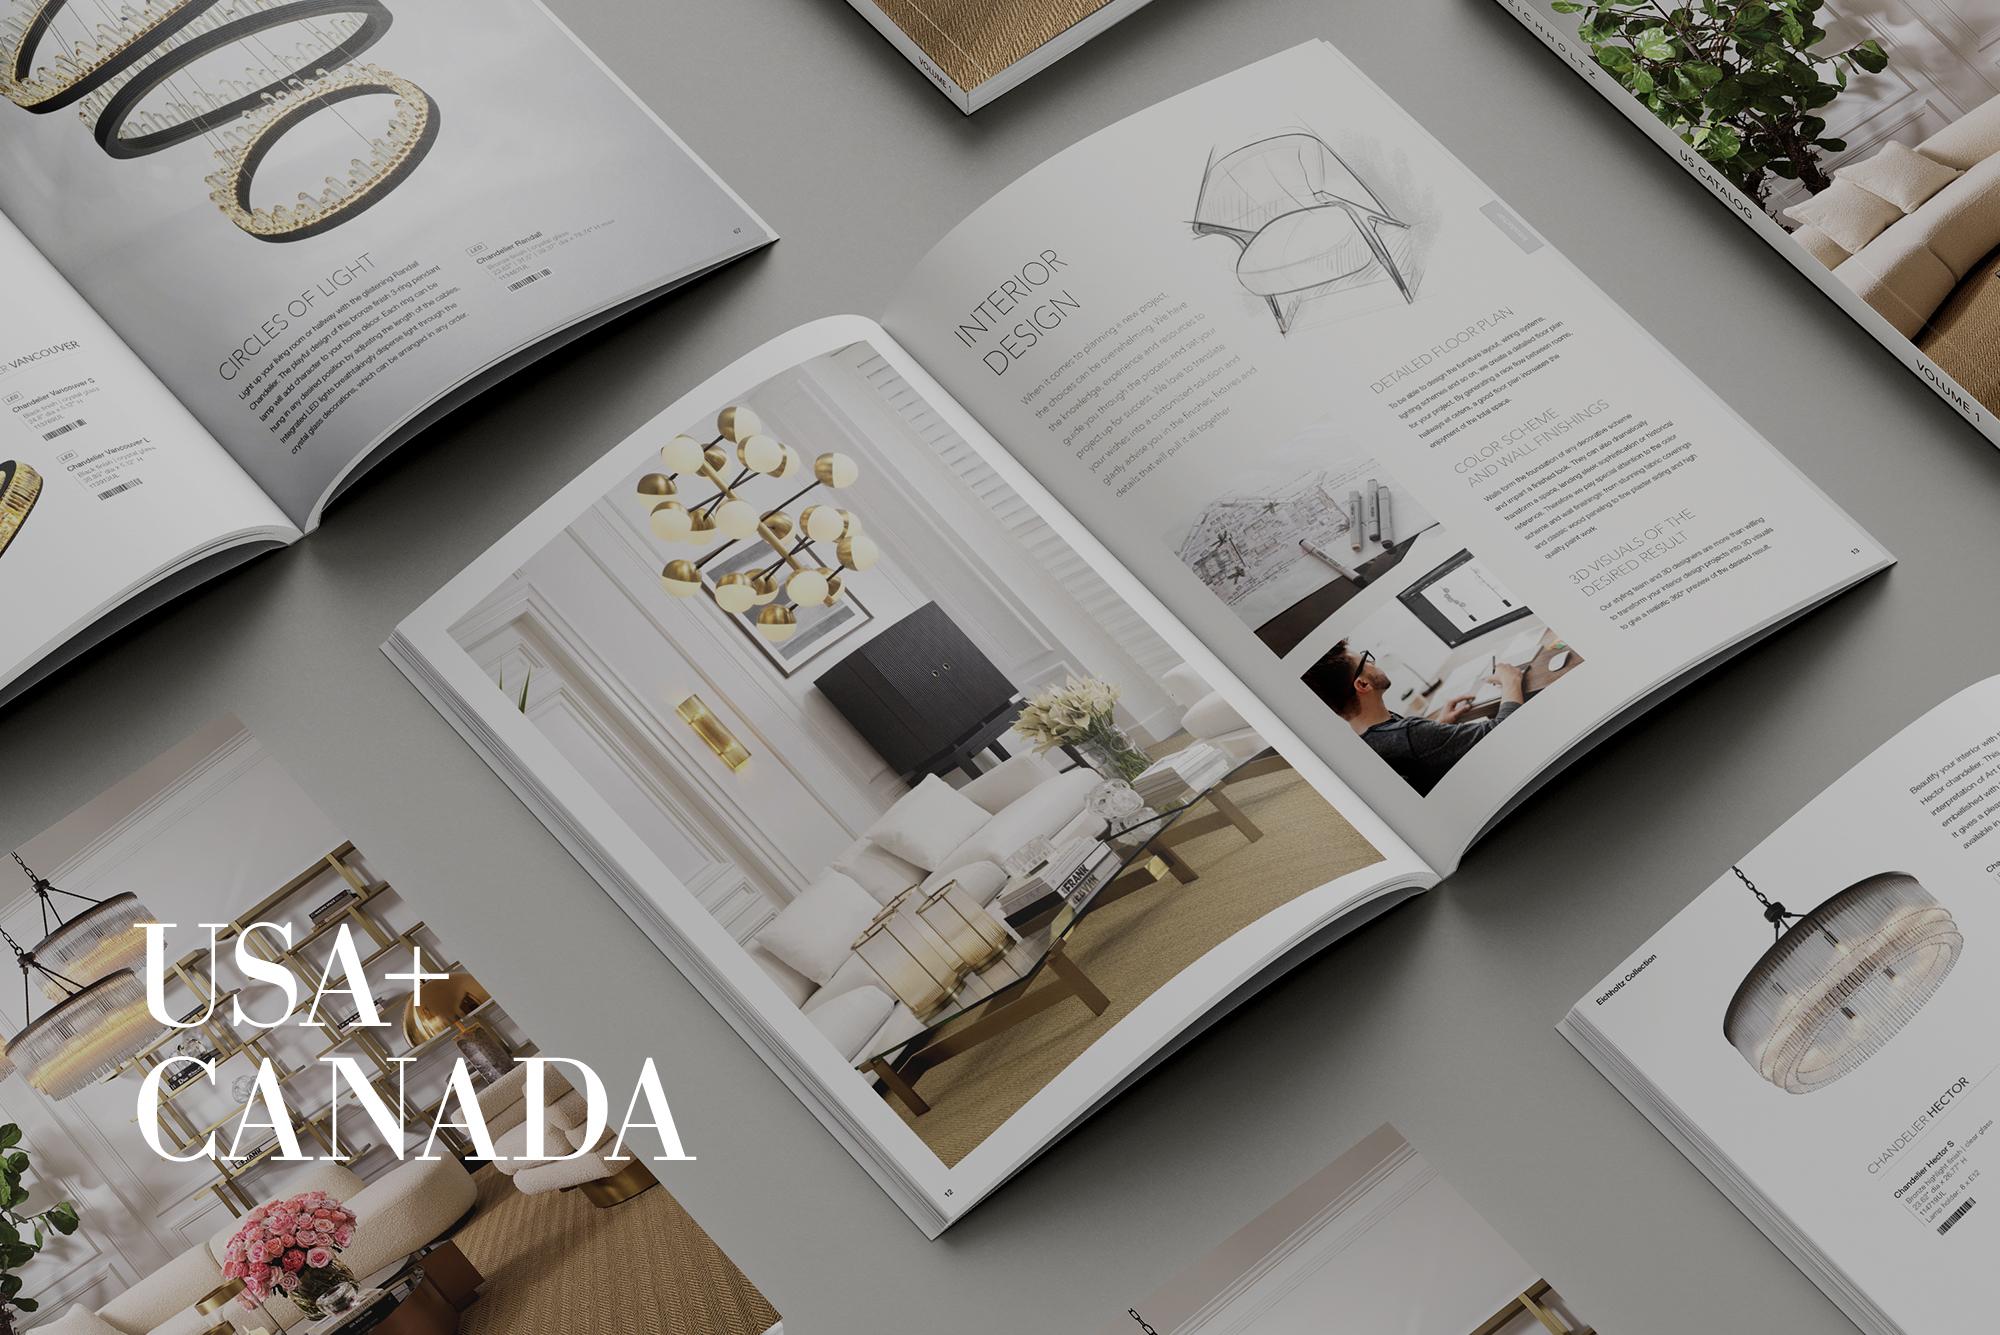 USA & Canada catalog